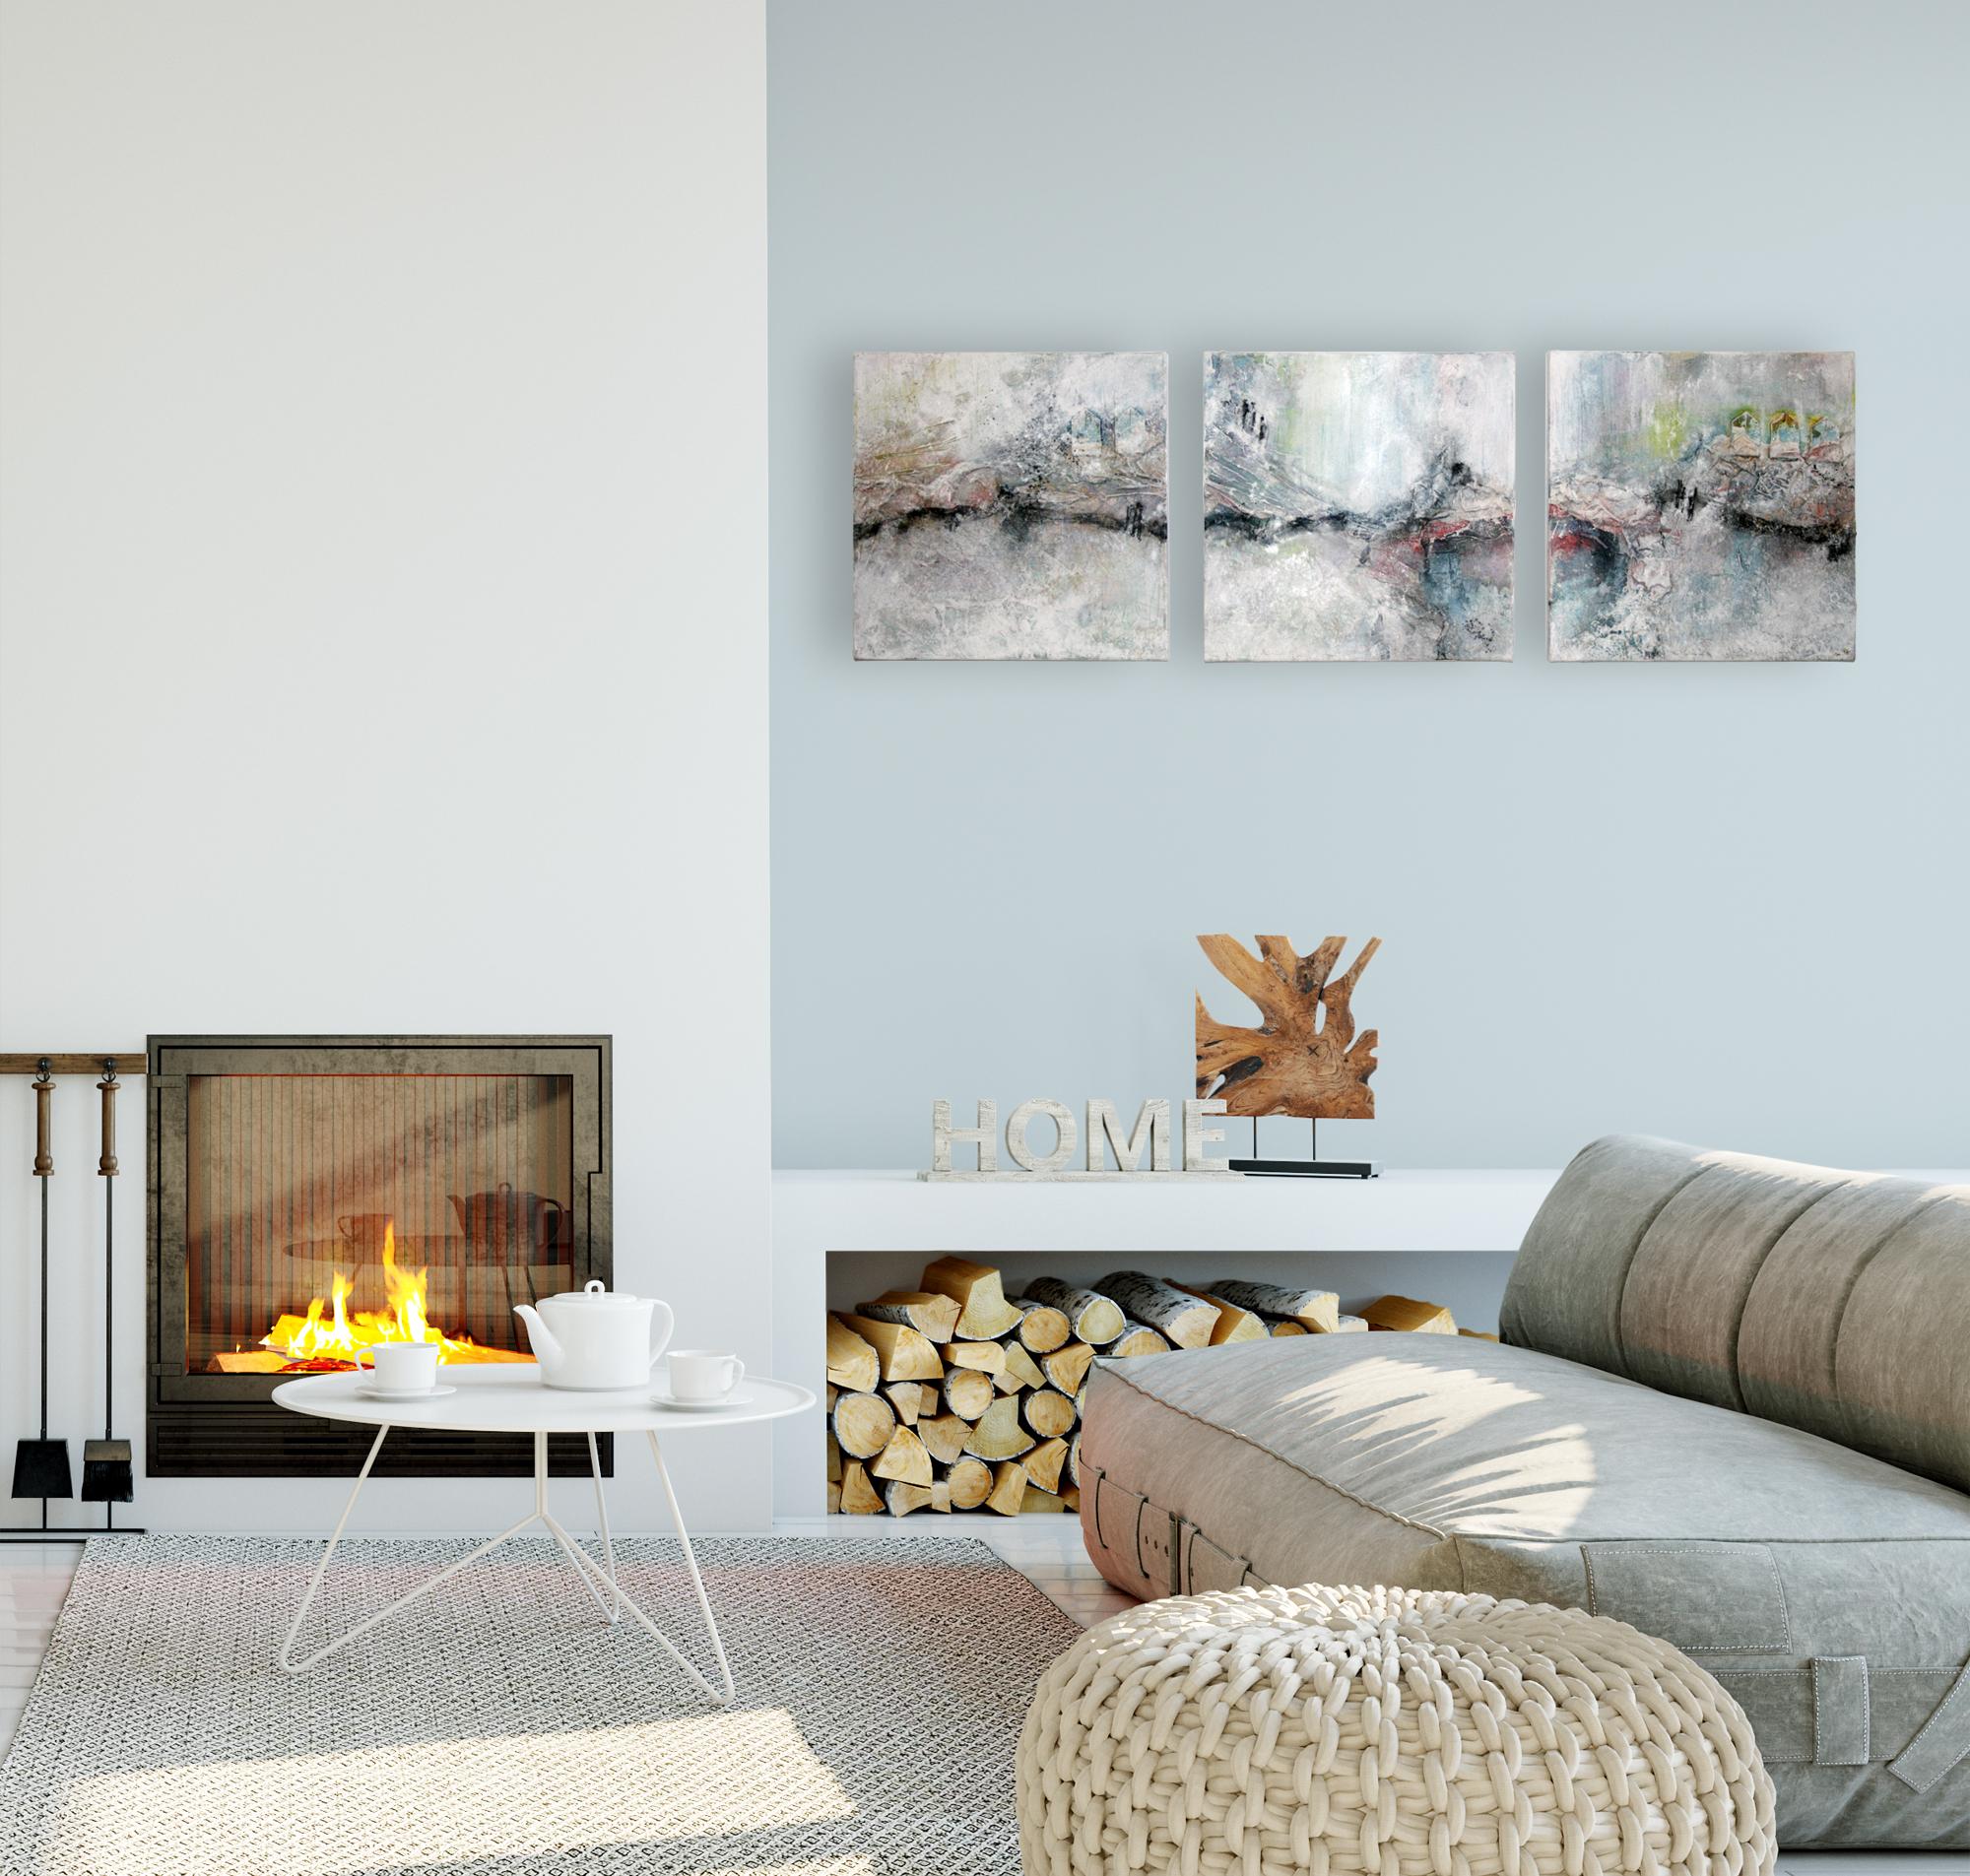 bilder im raum mpunktfrei. Black Bedroom Furniture Sets. Home Design Ideas